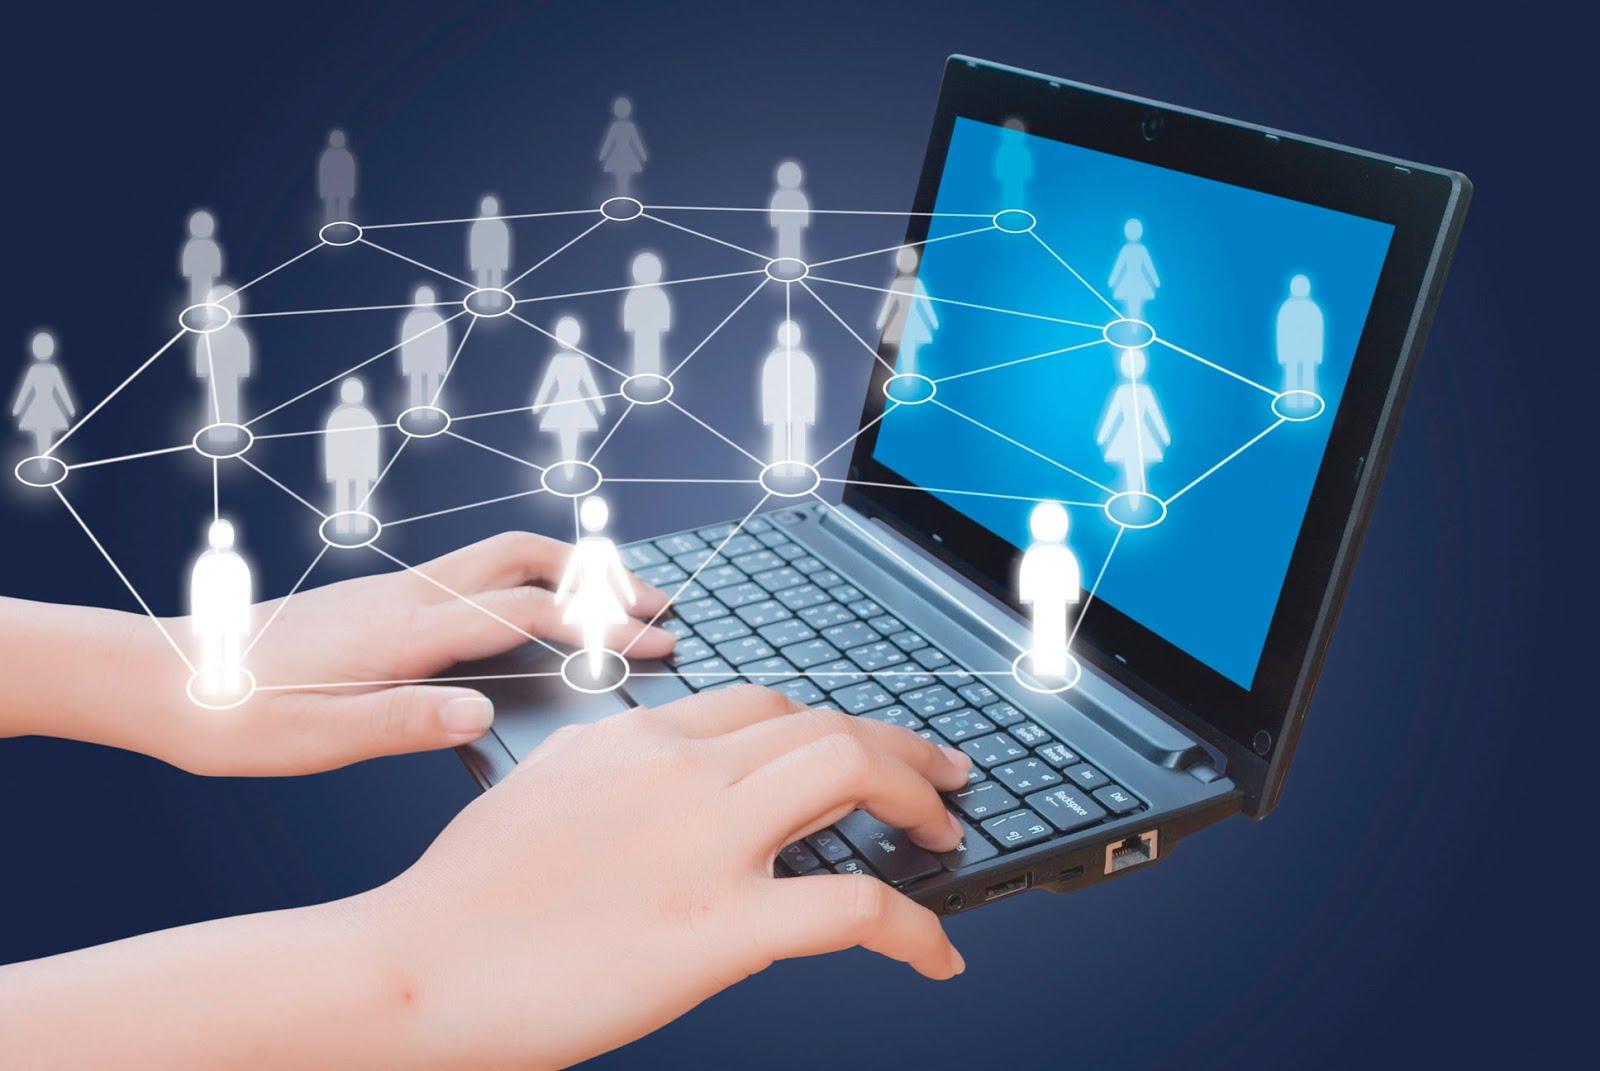 О пользе персональных сетей